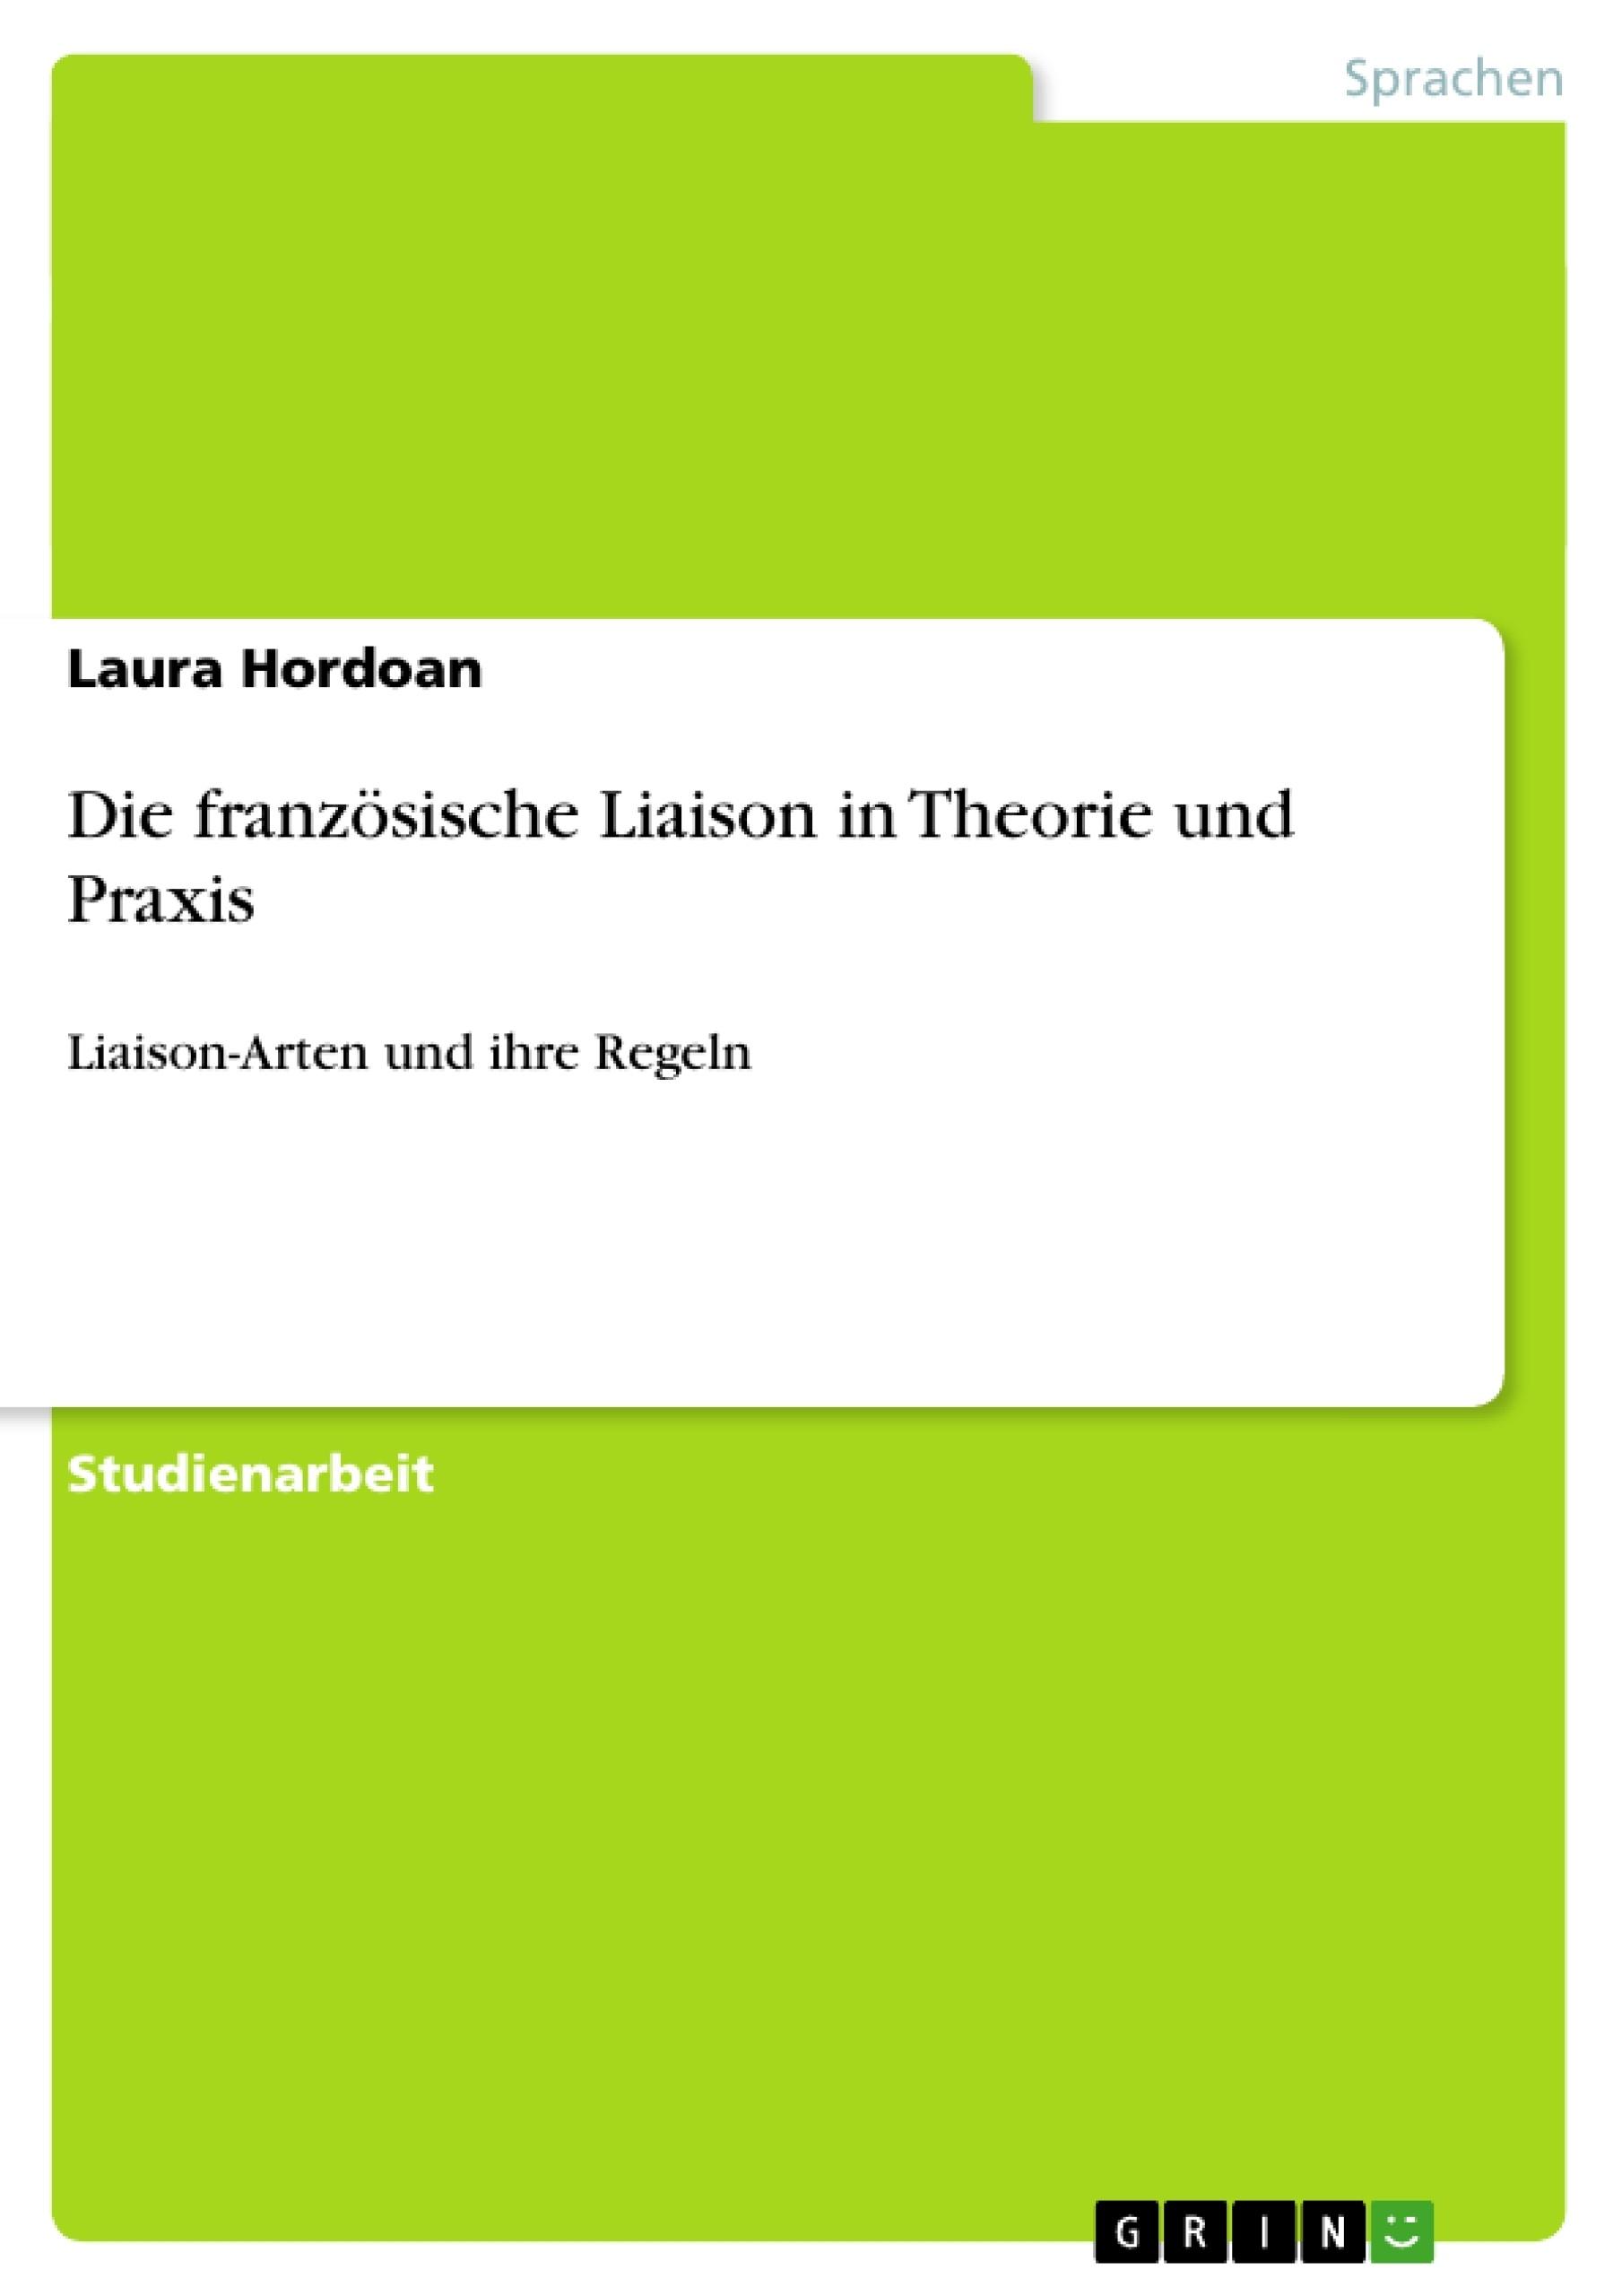 Titel: Die französische Liaison in Theorie und Praxis